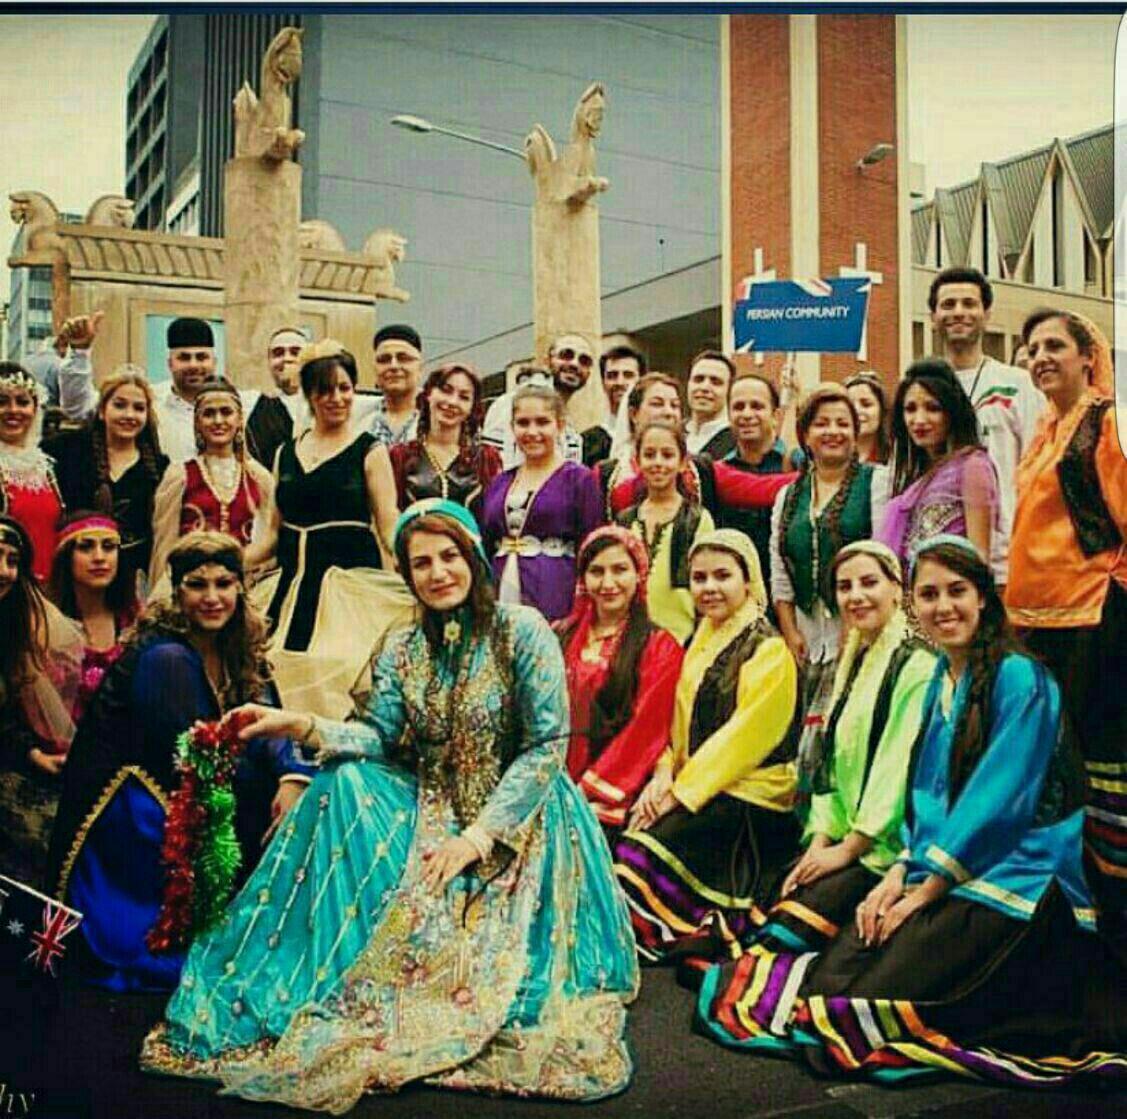 Multicultural fashion festival in Australia